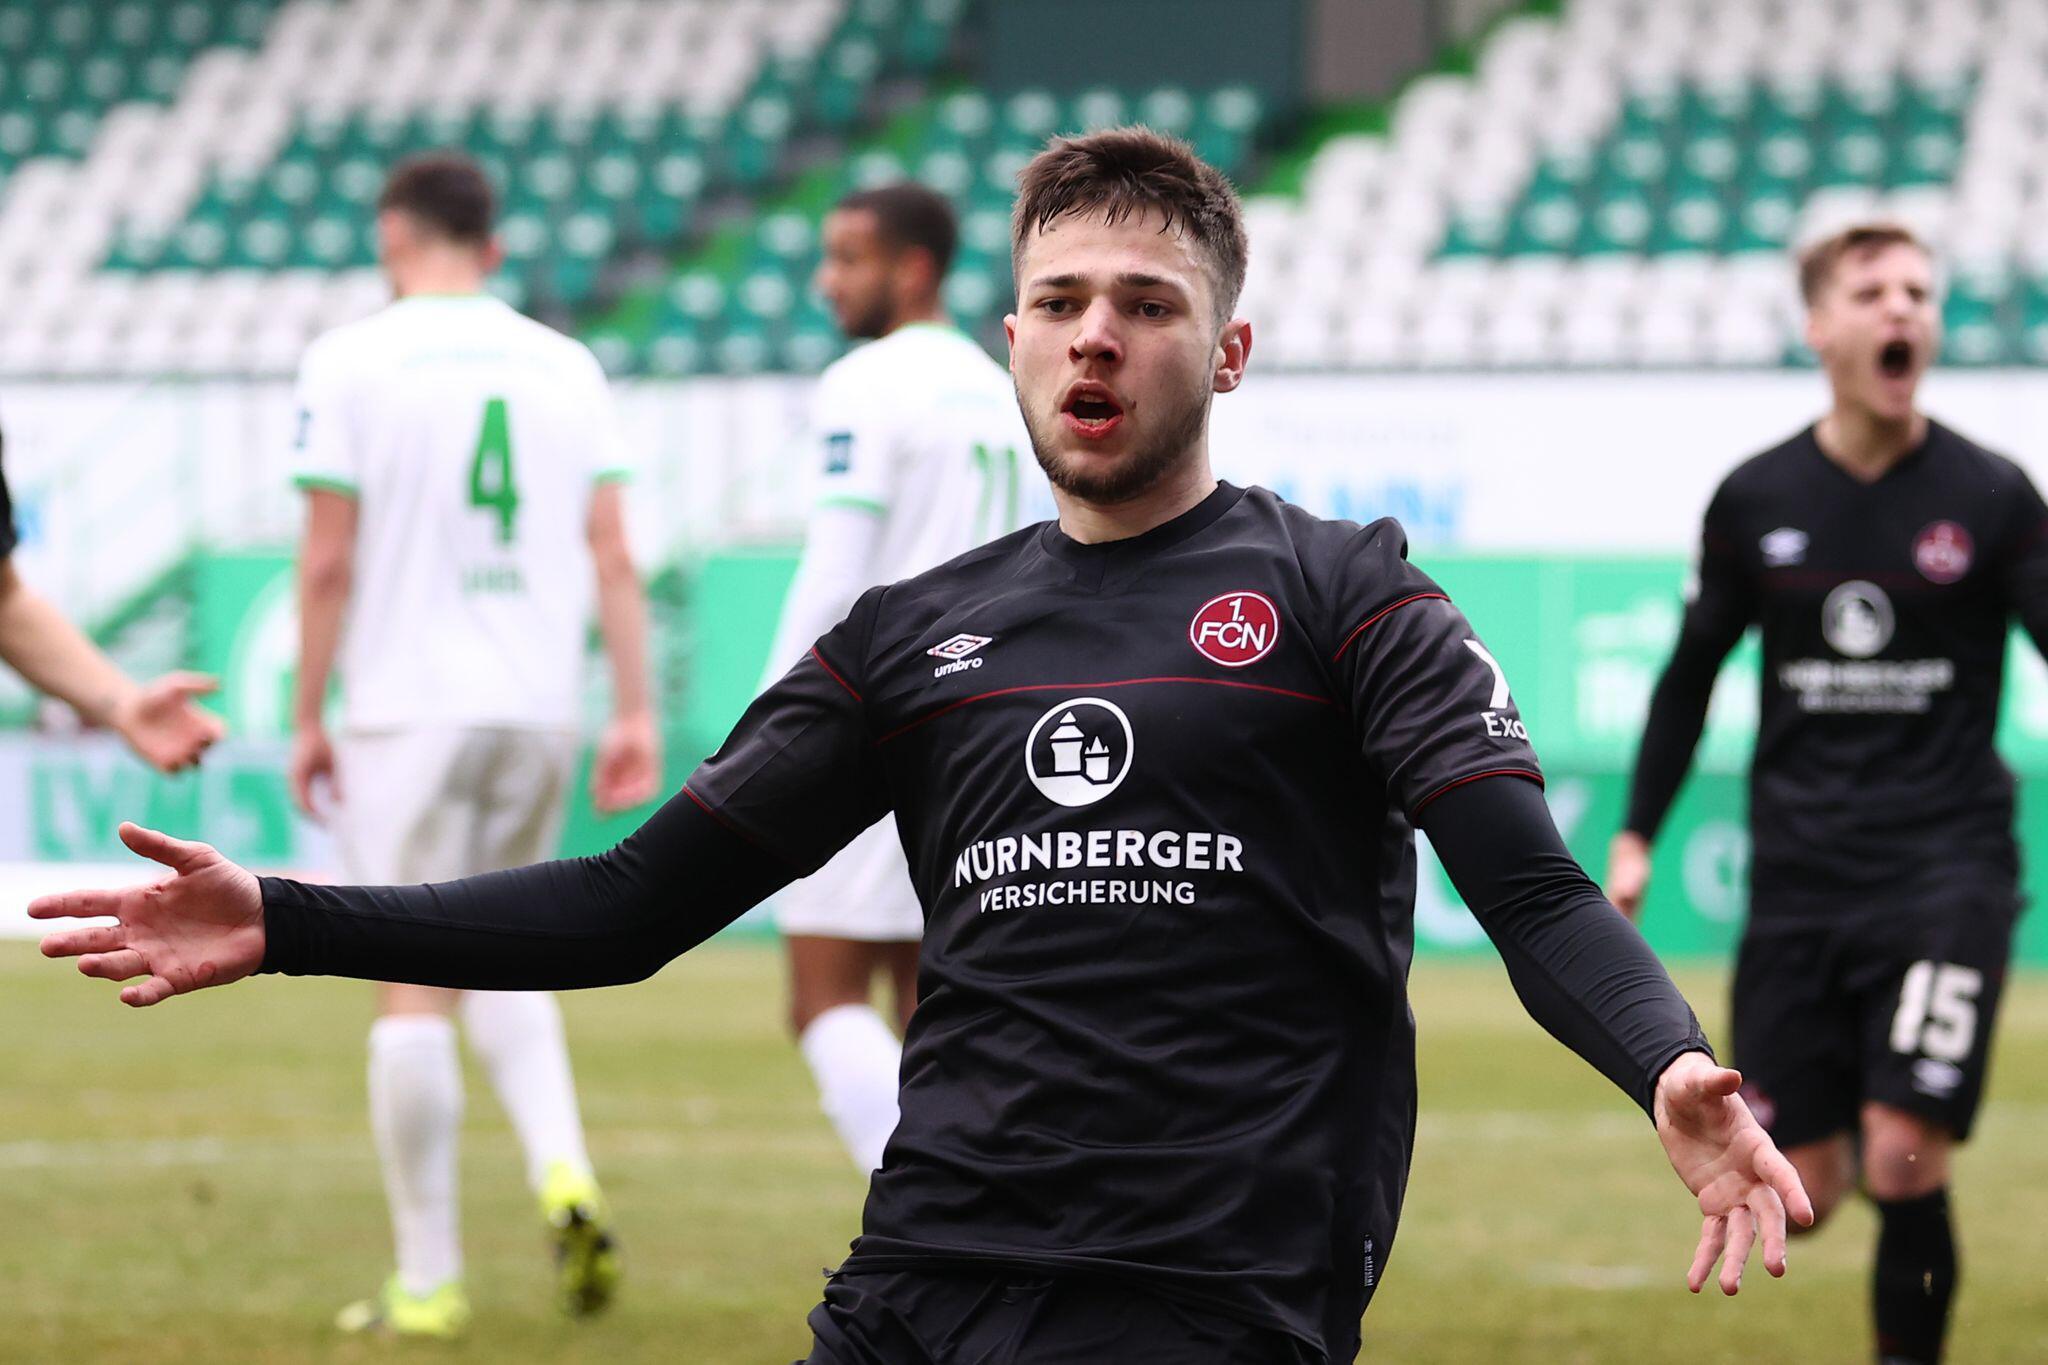 Bild zu SpVgg Greuther Fürth - 1. FC Nürnberg